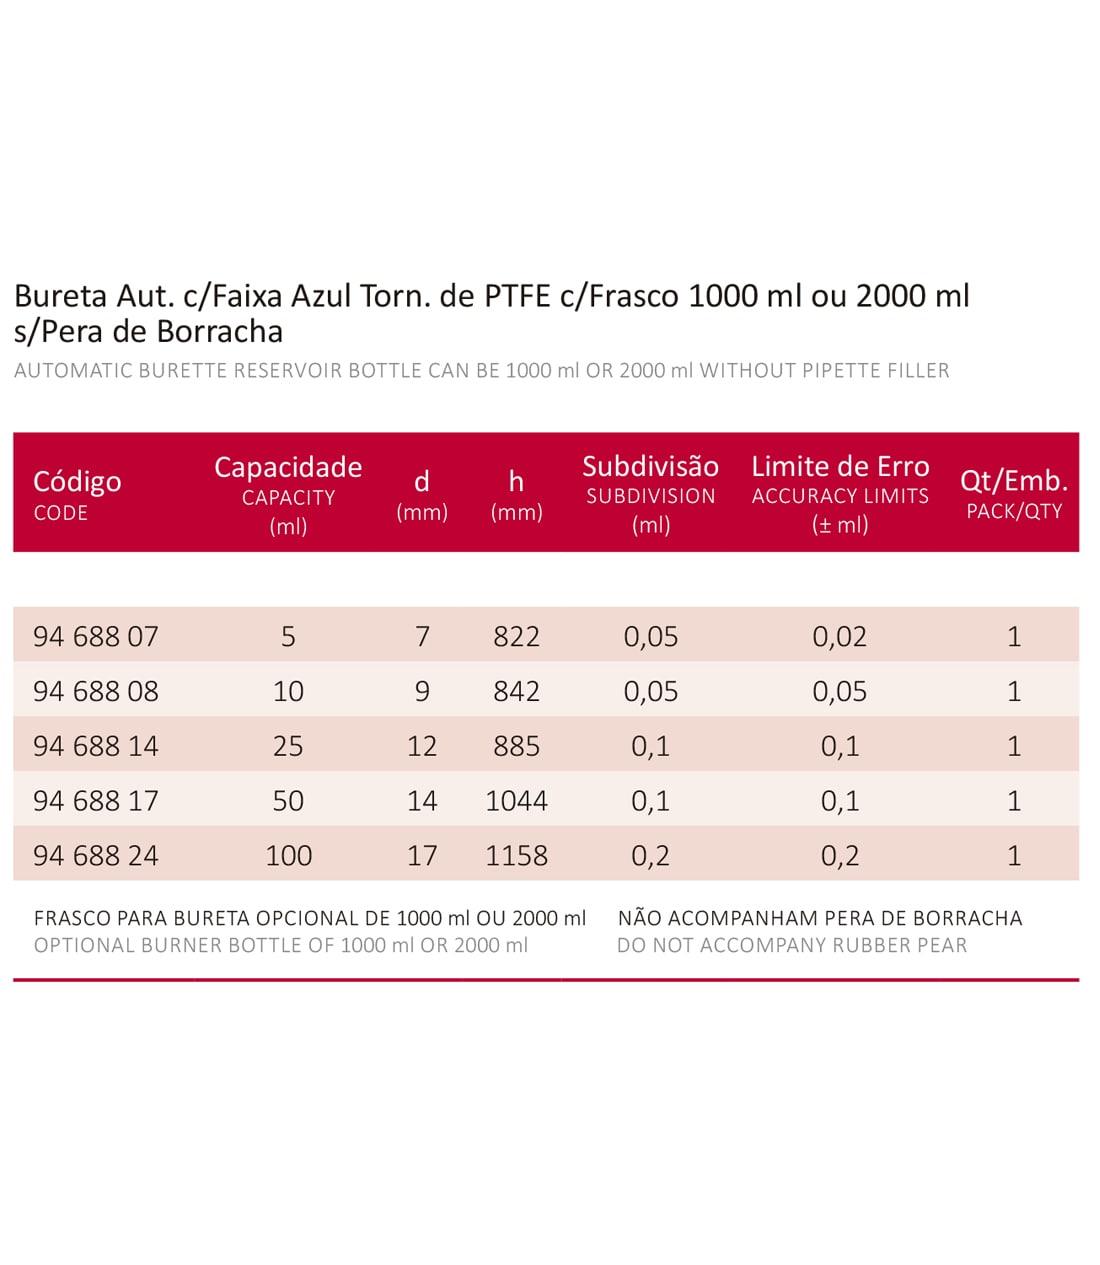 BURETA AUTOMÁTICA FAIXA AZUL. TOR. PTFE C/FRASCO 50 ML S/PERA - Laborglas - Cód. 9468817